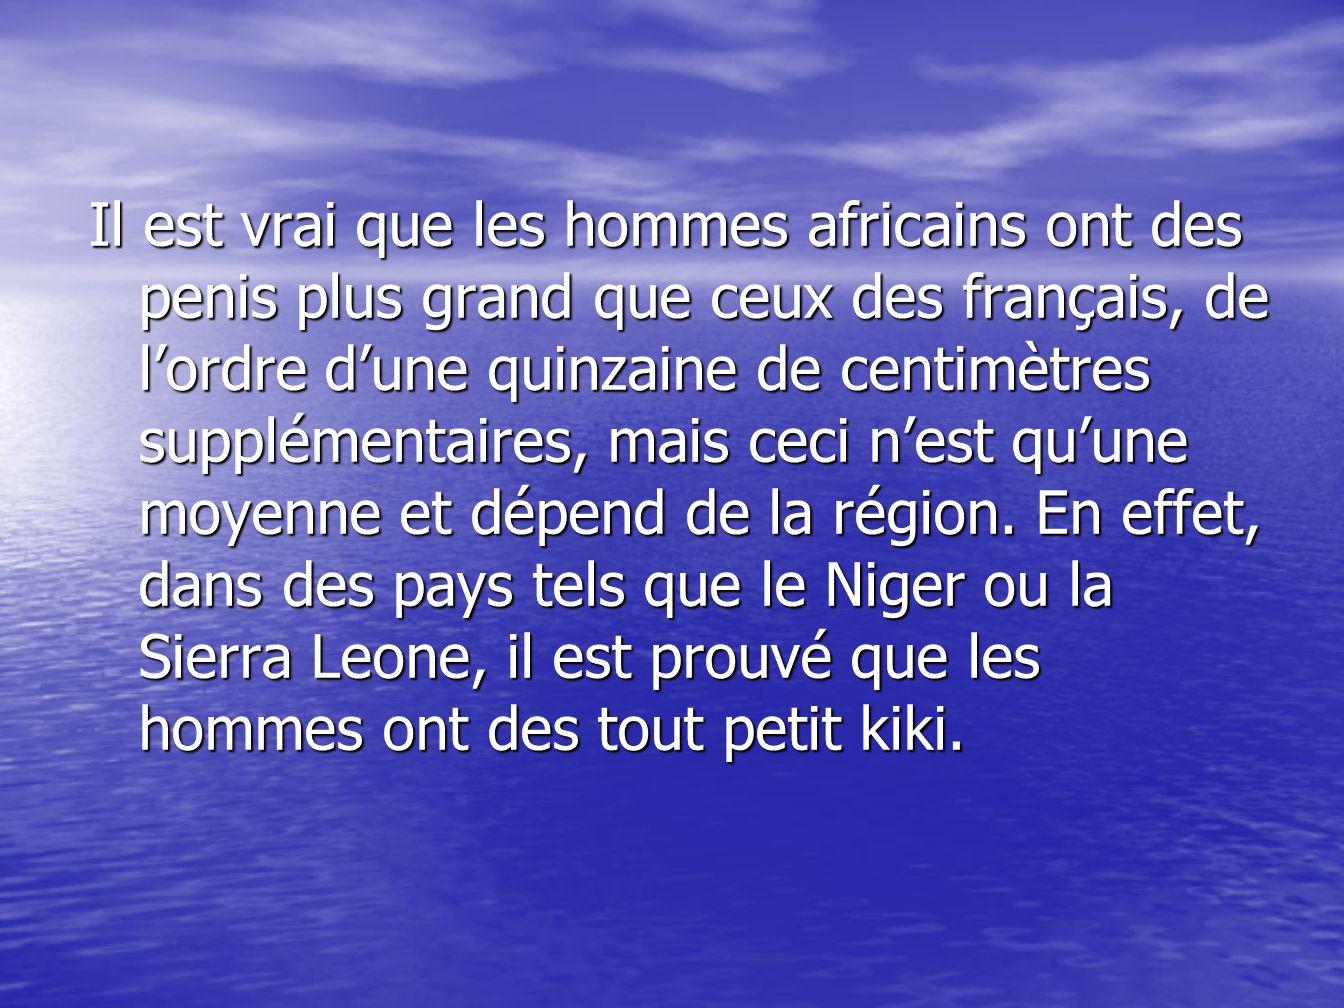 Il est vrai que les hommes africains ont des penis plus grand que ceux des français, de l'ordre d'une quinzaine de centimètres supplémentaires, mais ceci n'est qu'une moyenne et dépend de la région.